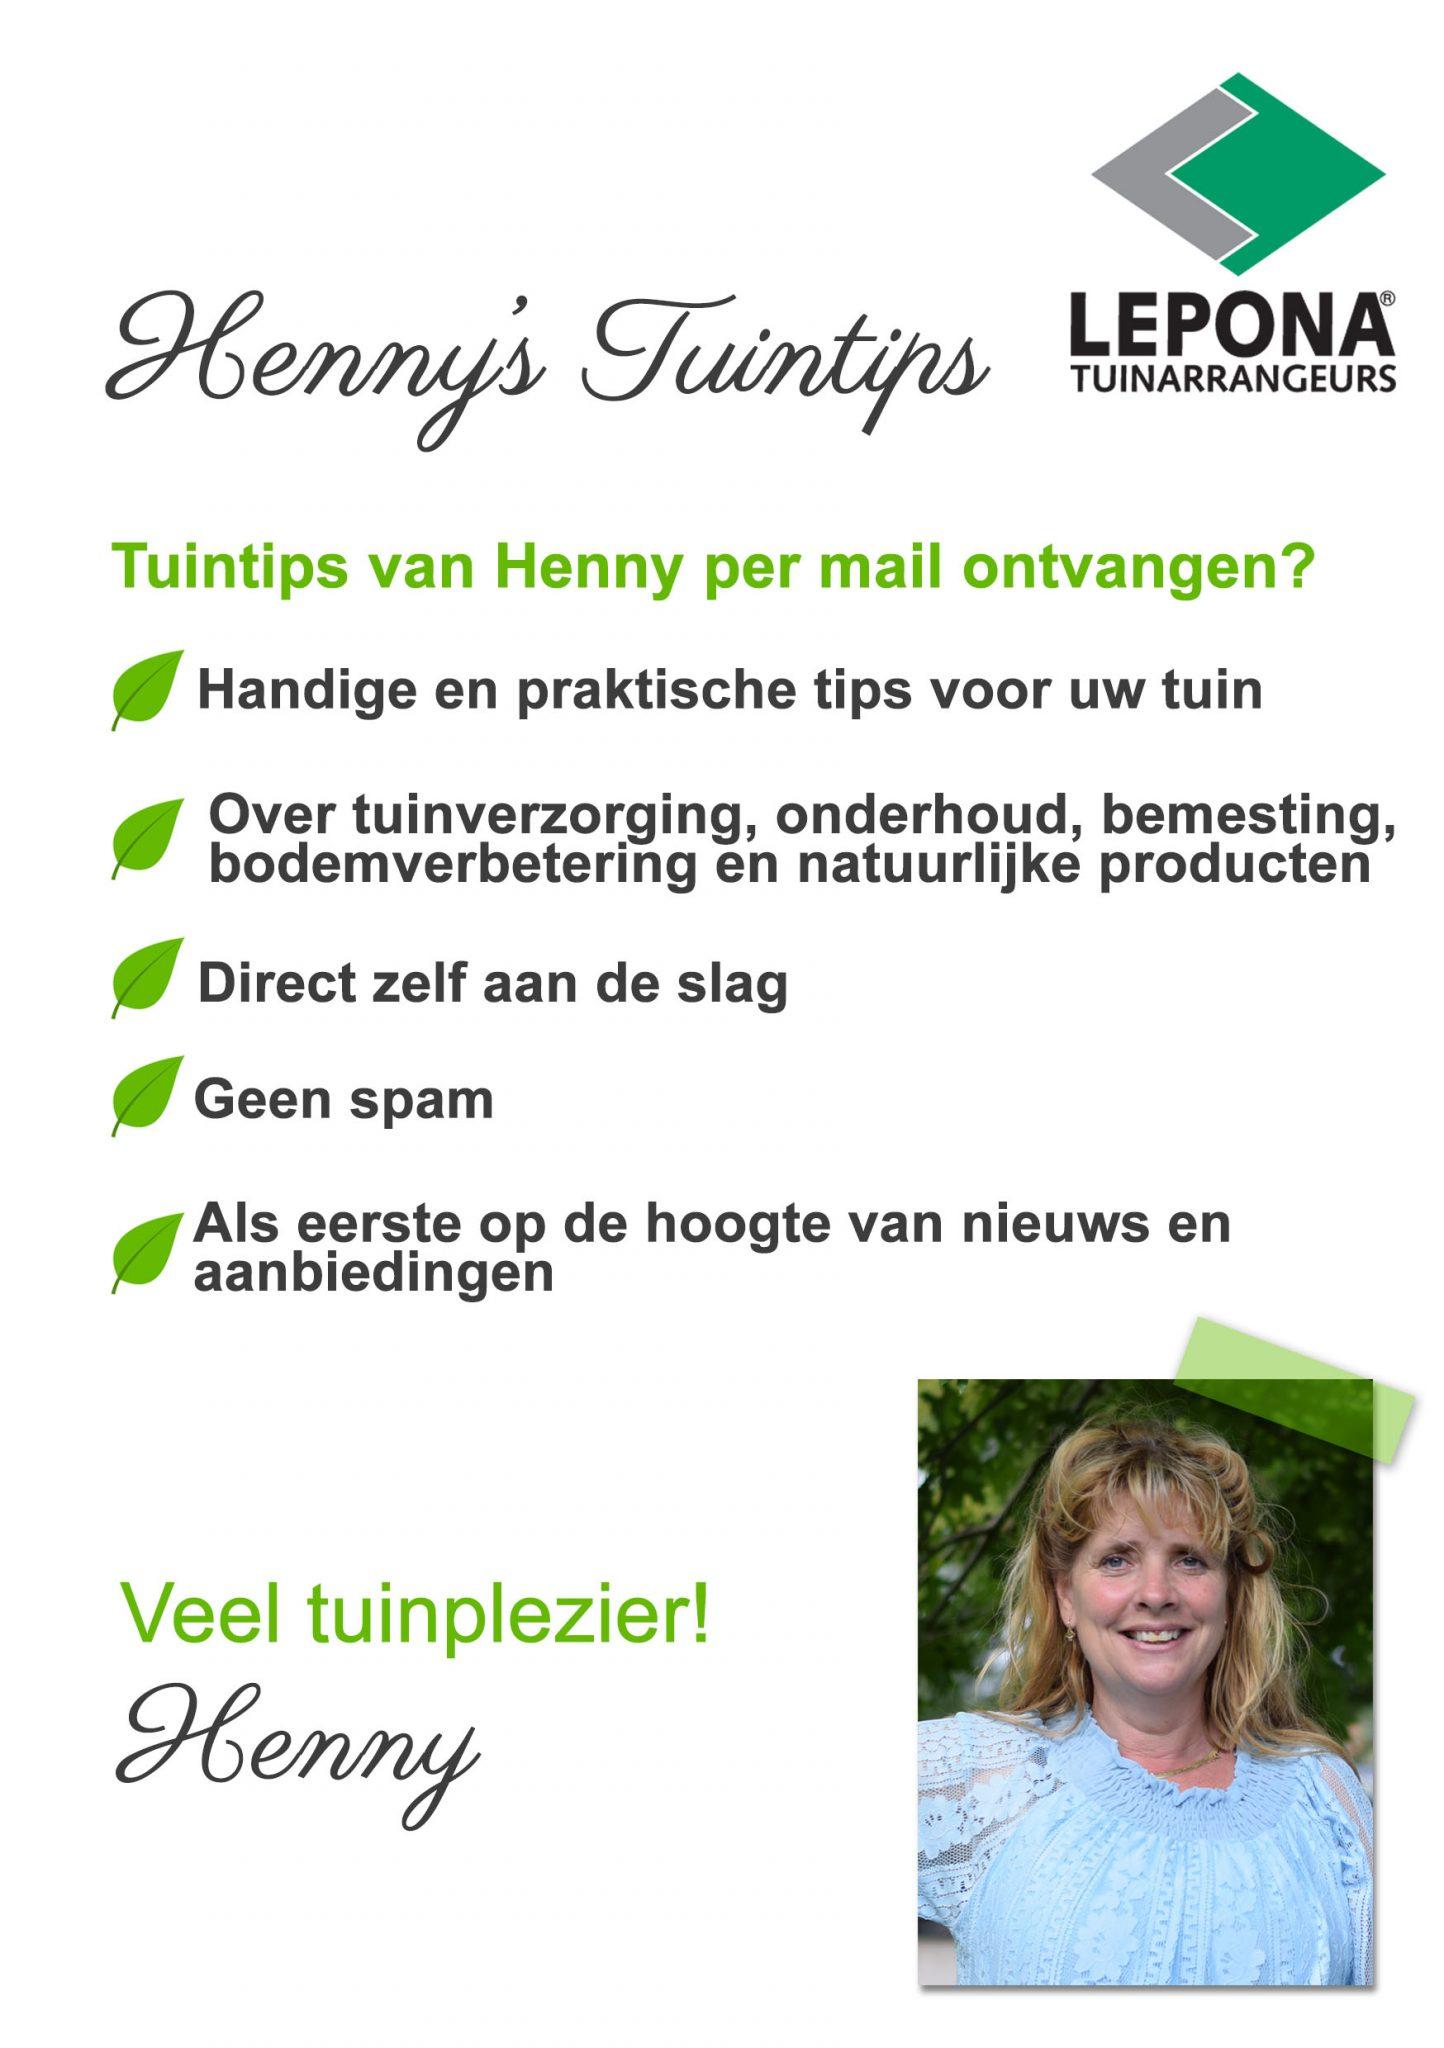 Henny's Tuintips